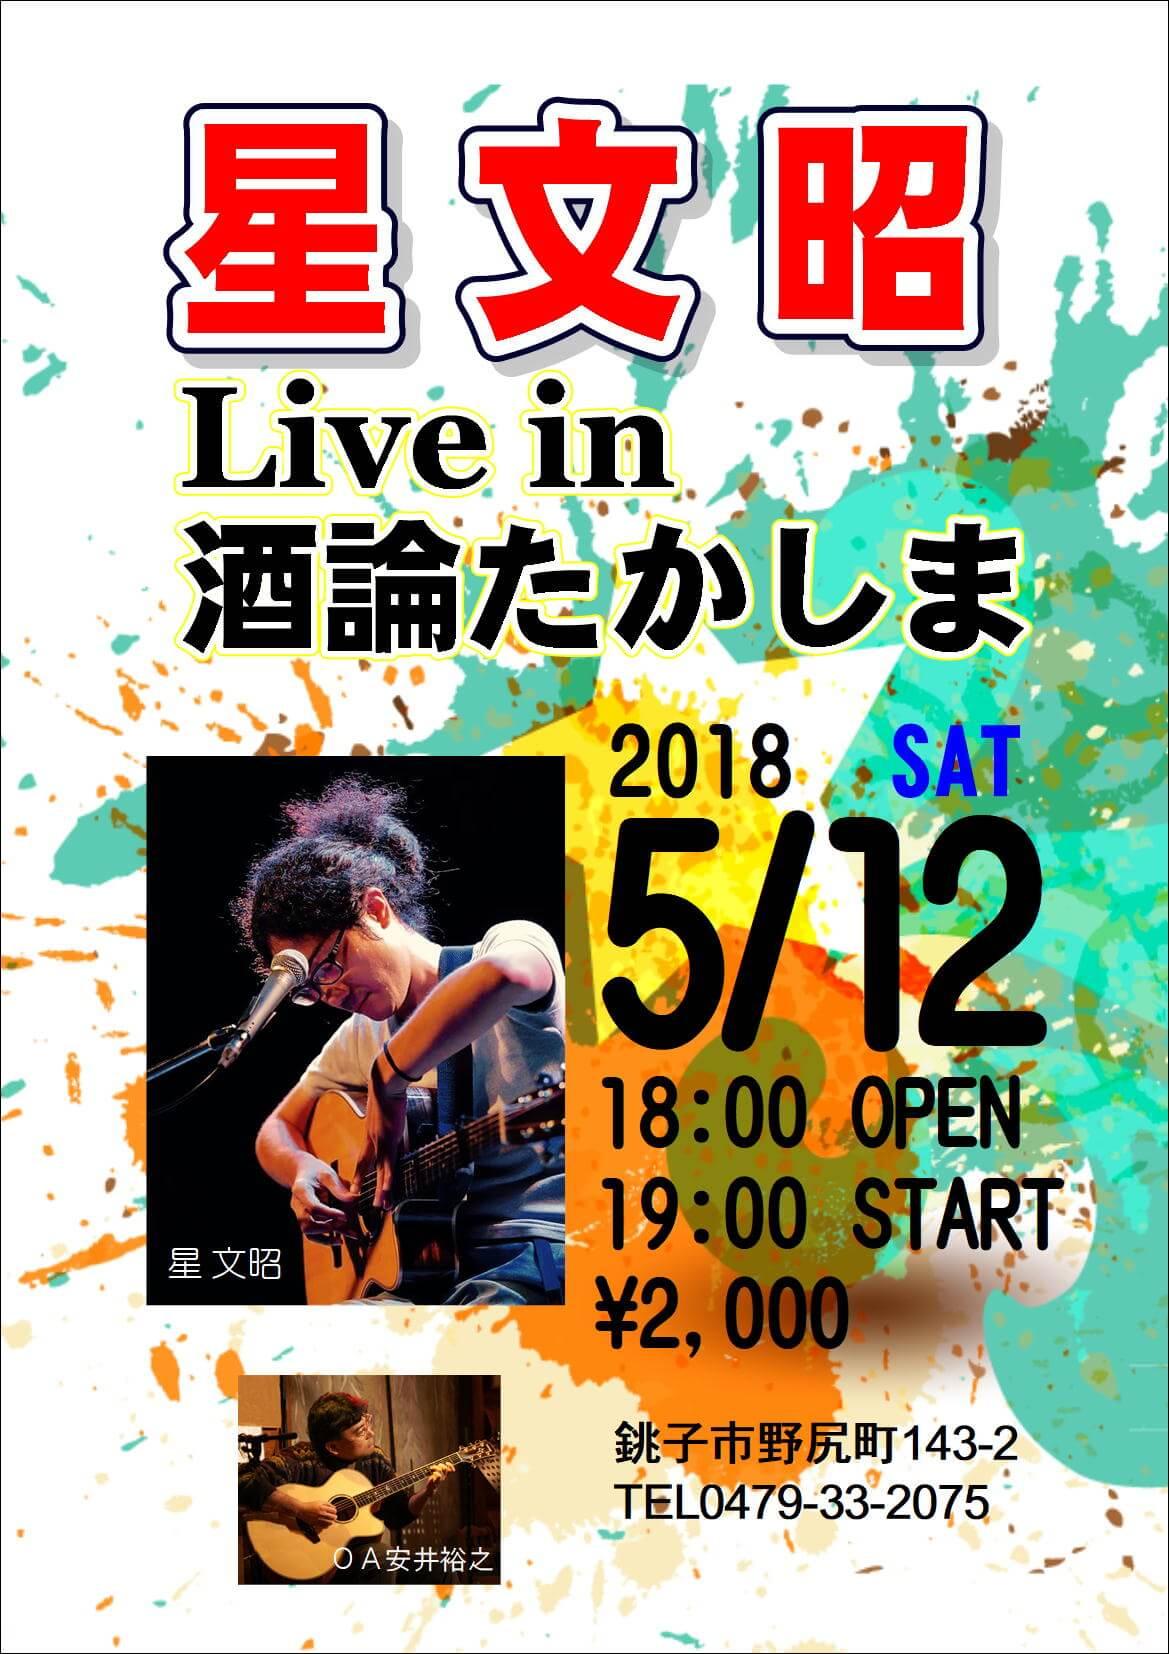 2018.5.12星文昭ライブ